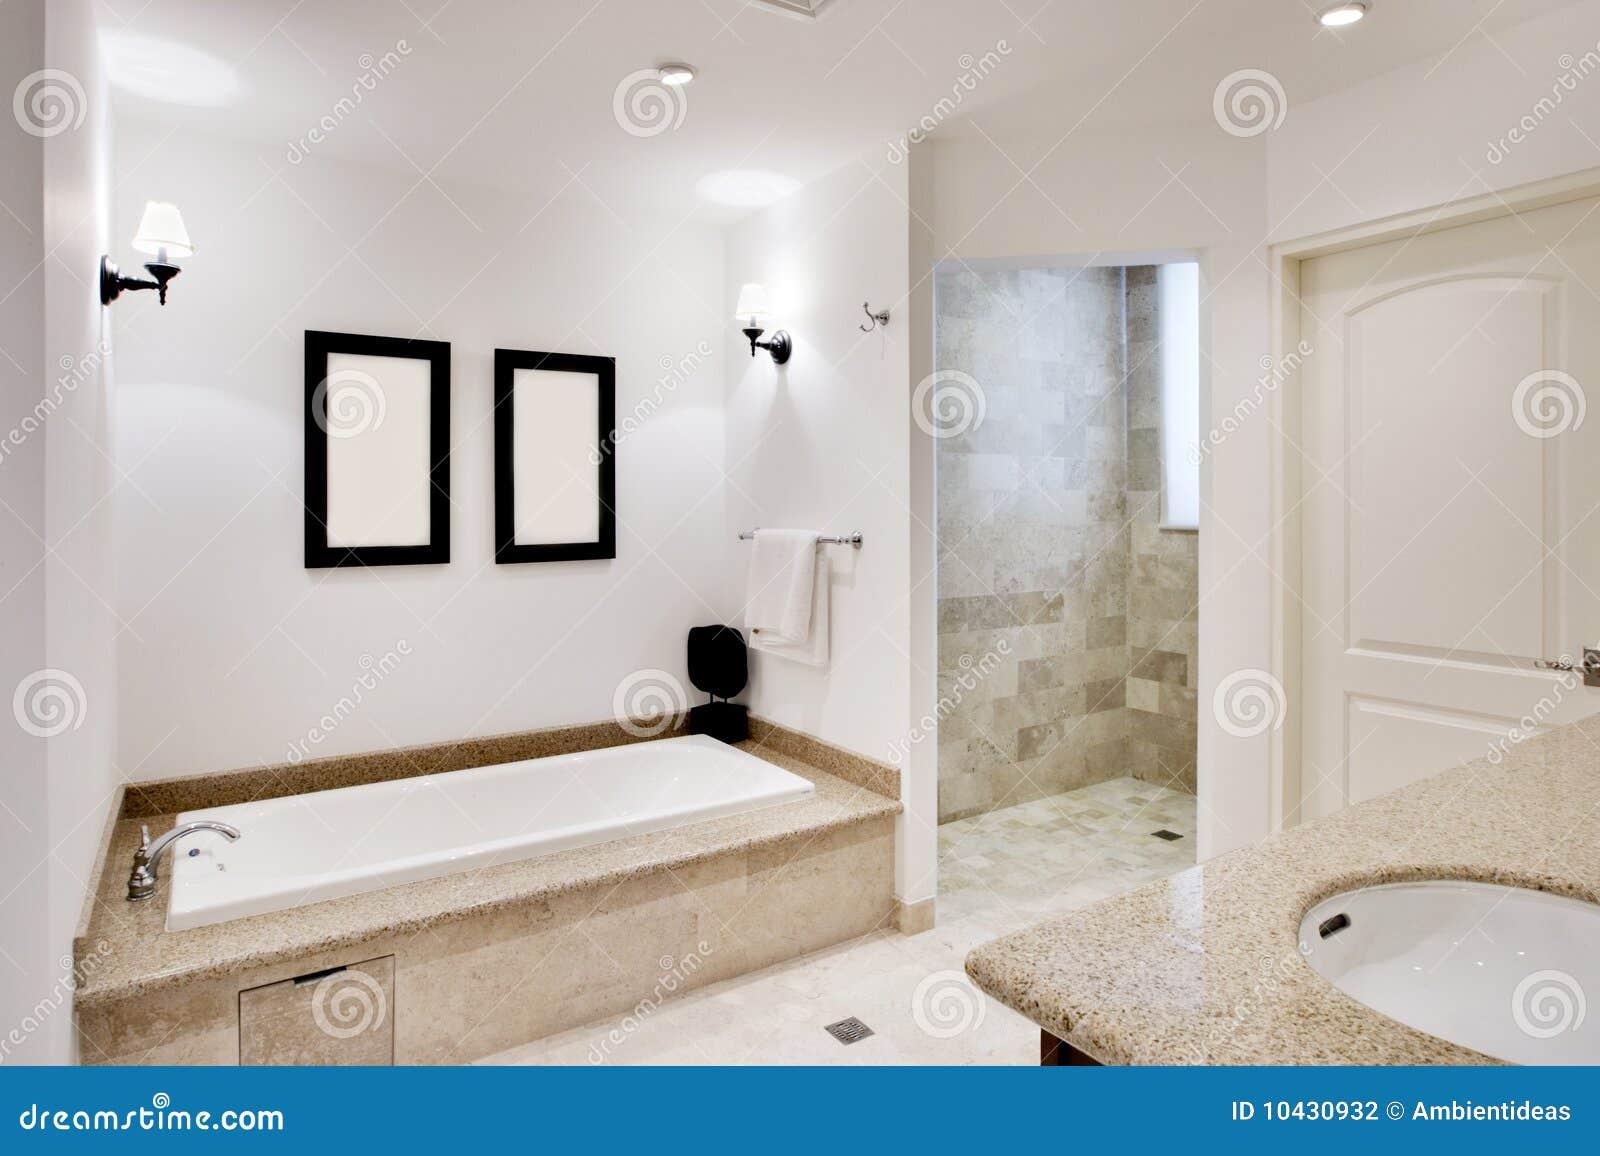 Tinas De Baño Con Ducha:Fotografía de archivo: Cuarto de baño con la tina y la ducha